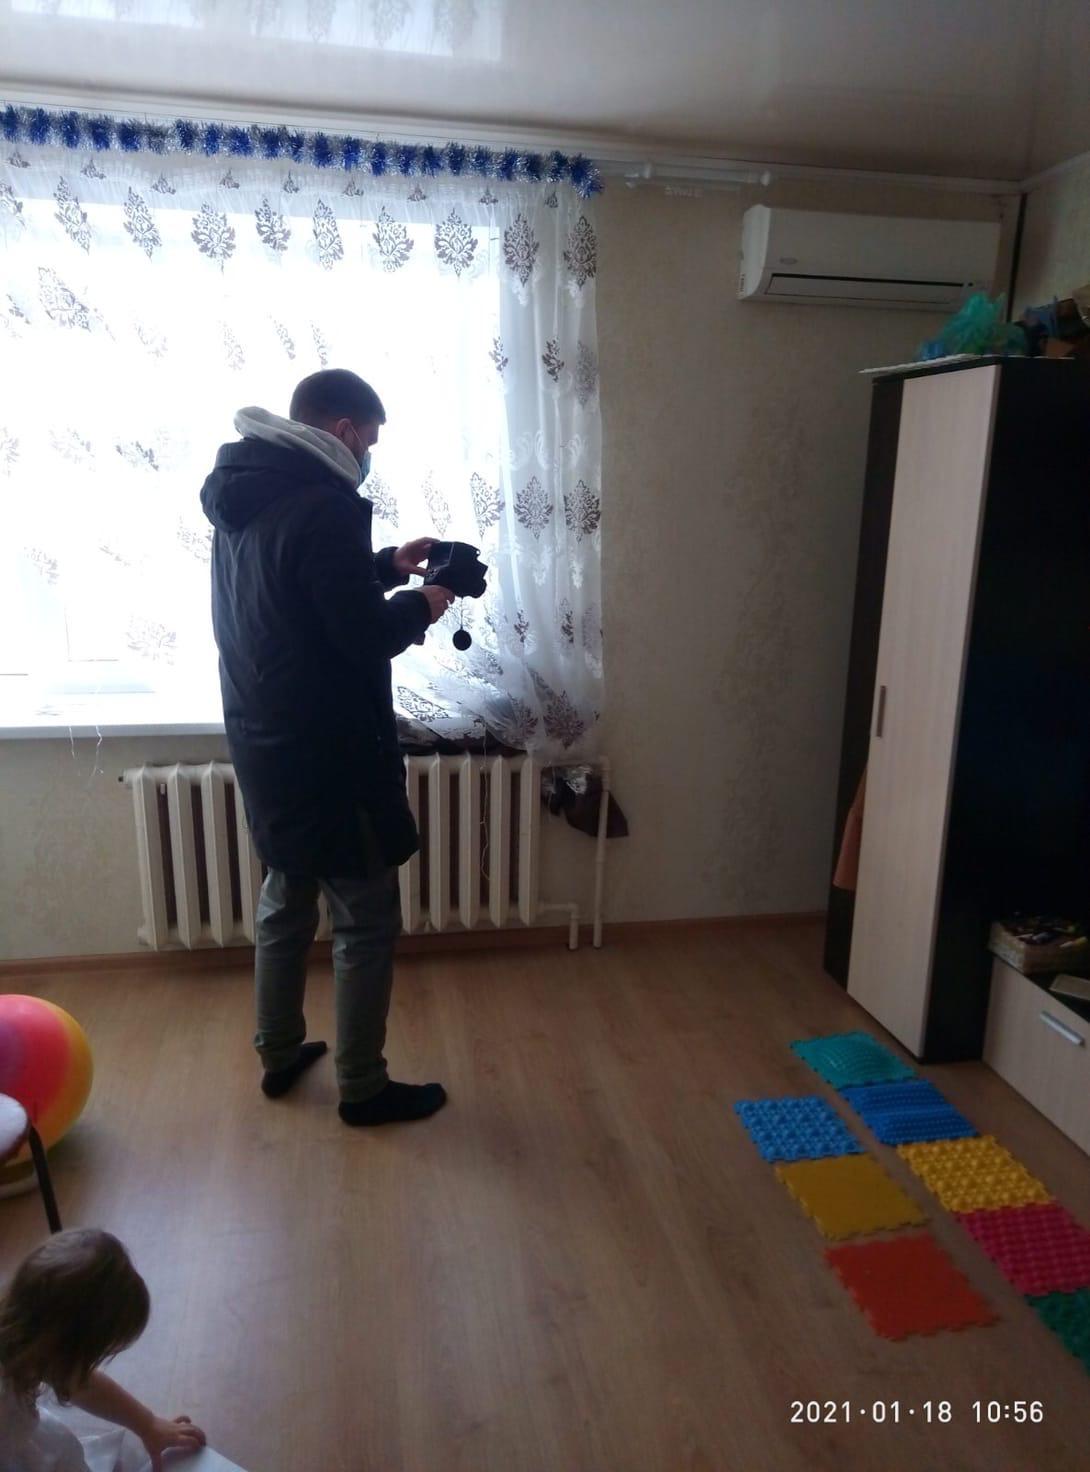 Улица Ердякова дом 16 квартира 133 обследование